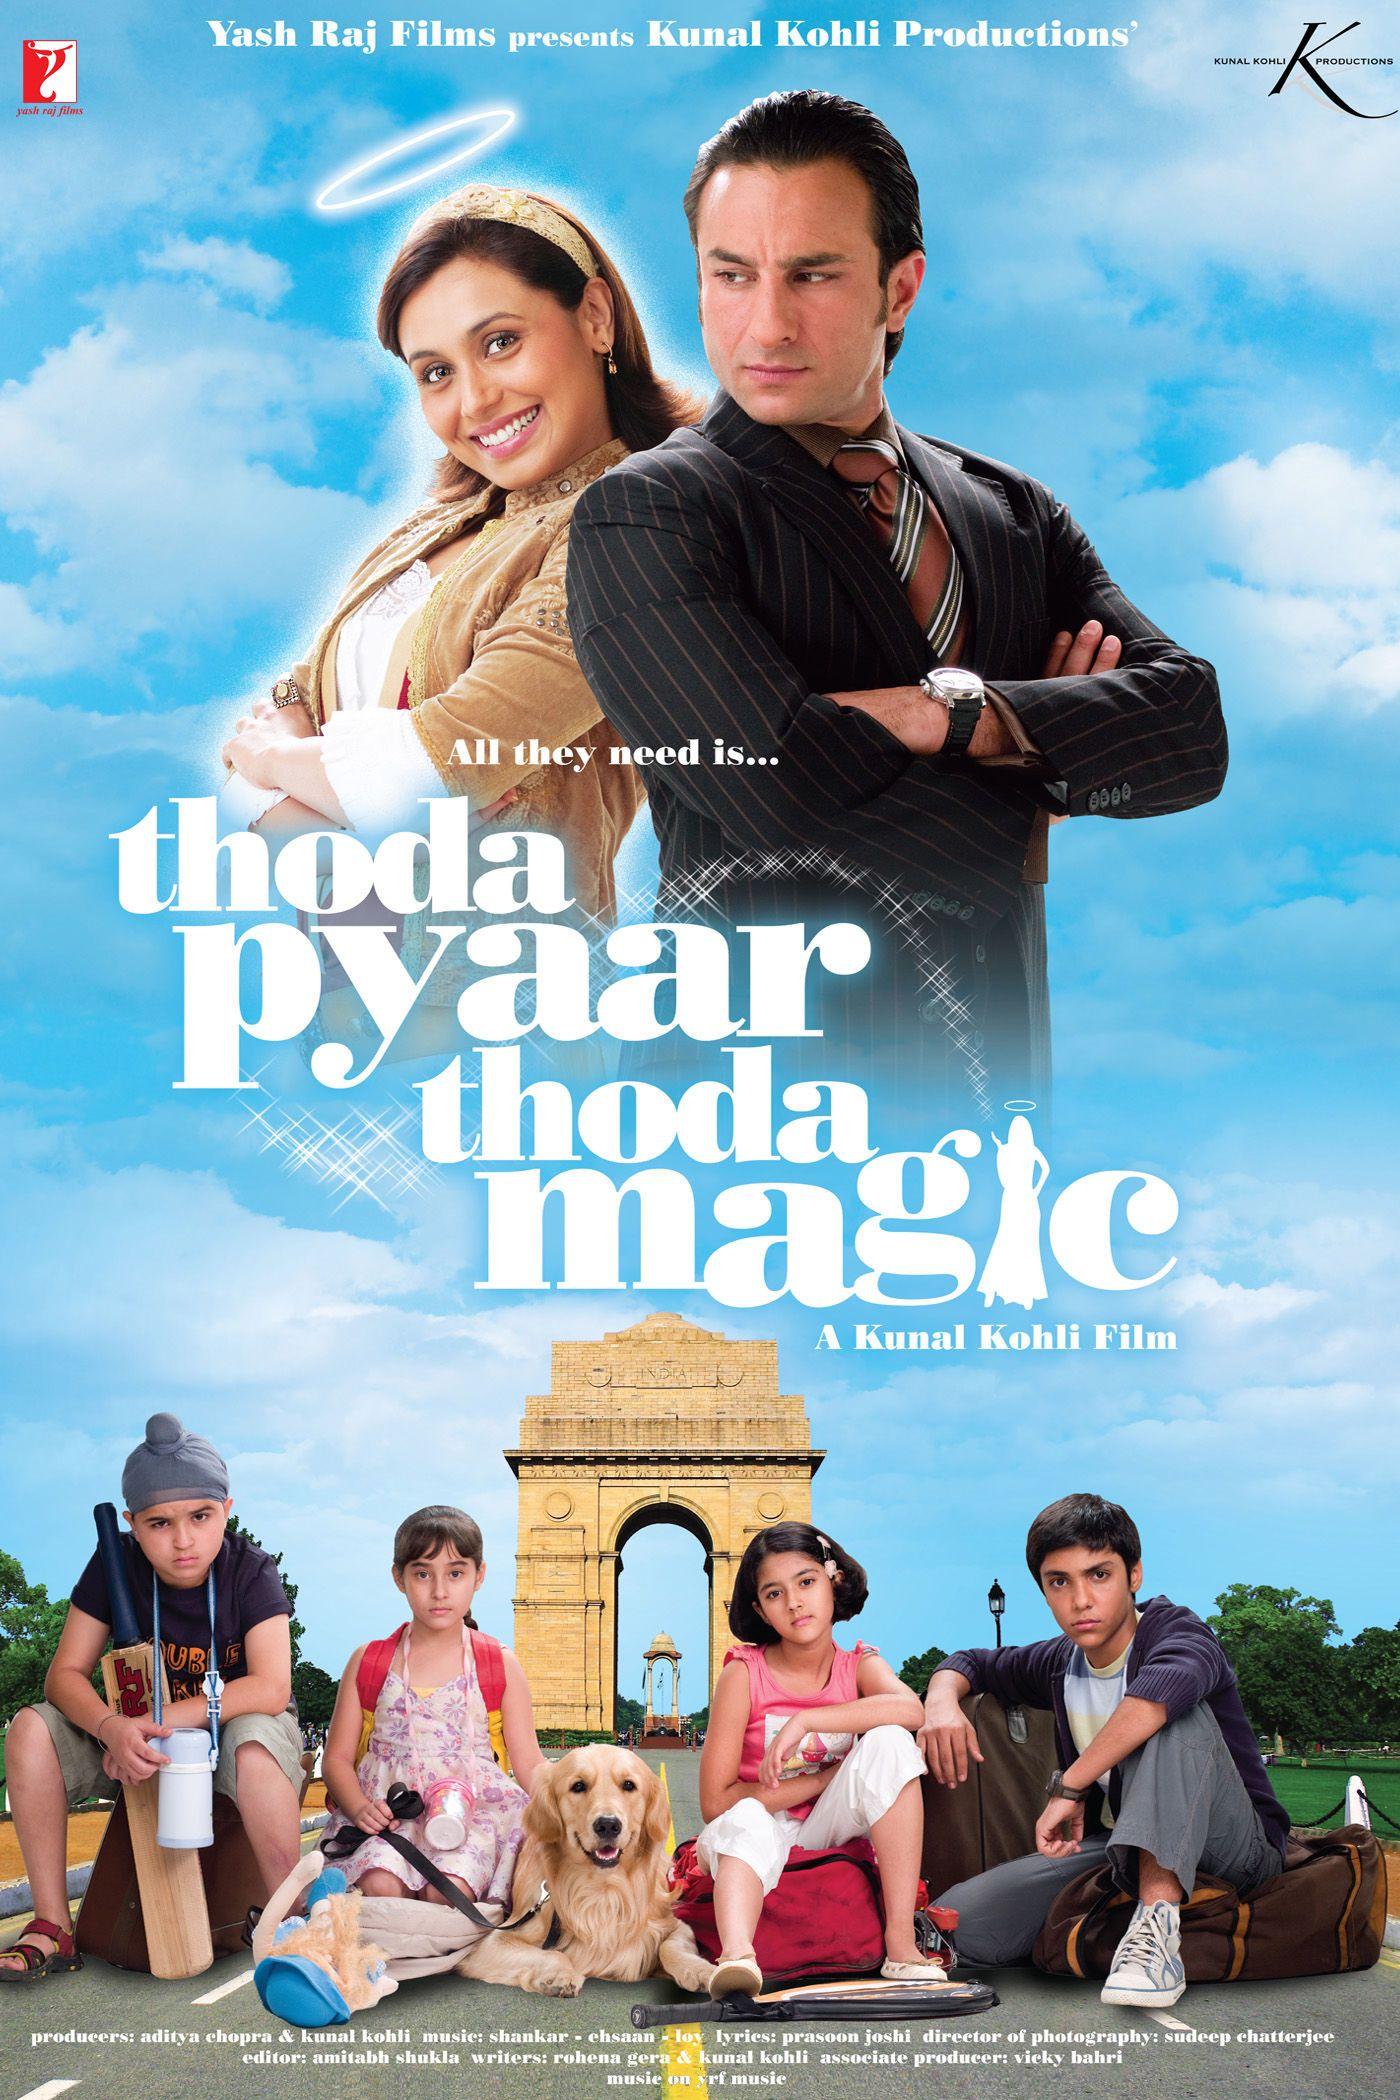 Thoda Pyaar Thoda Magic 2008 Best Bollywood Movies Hindi